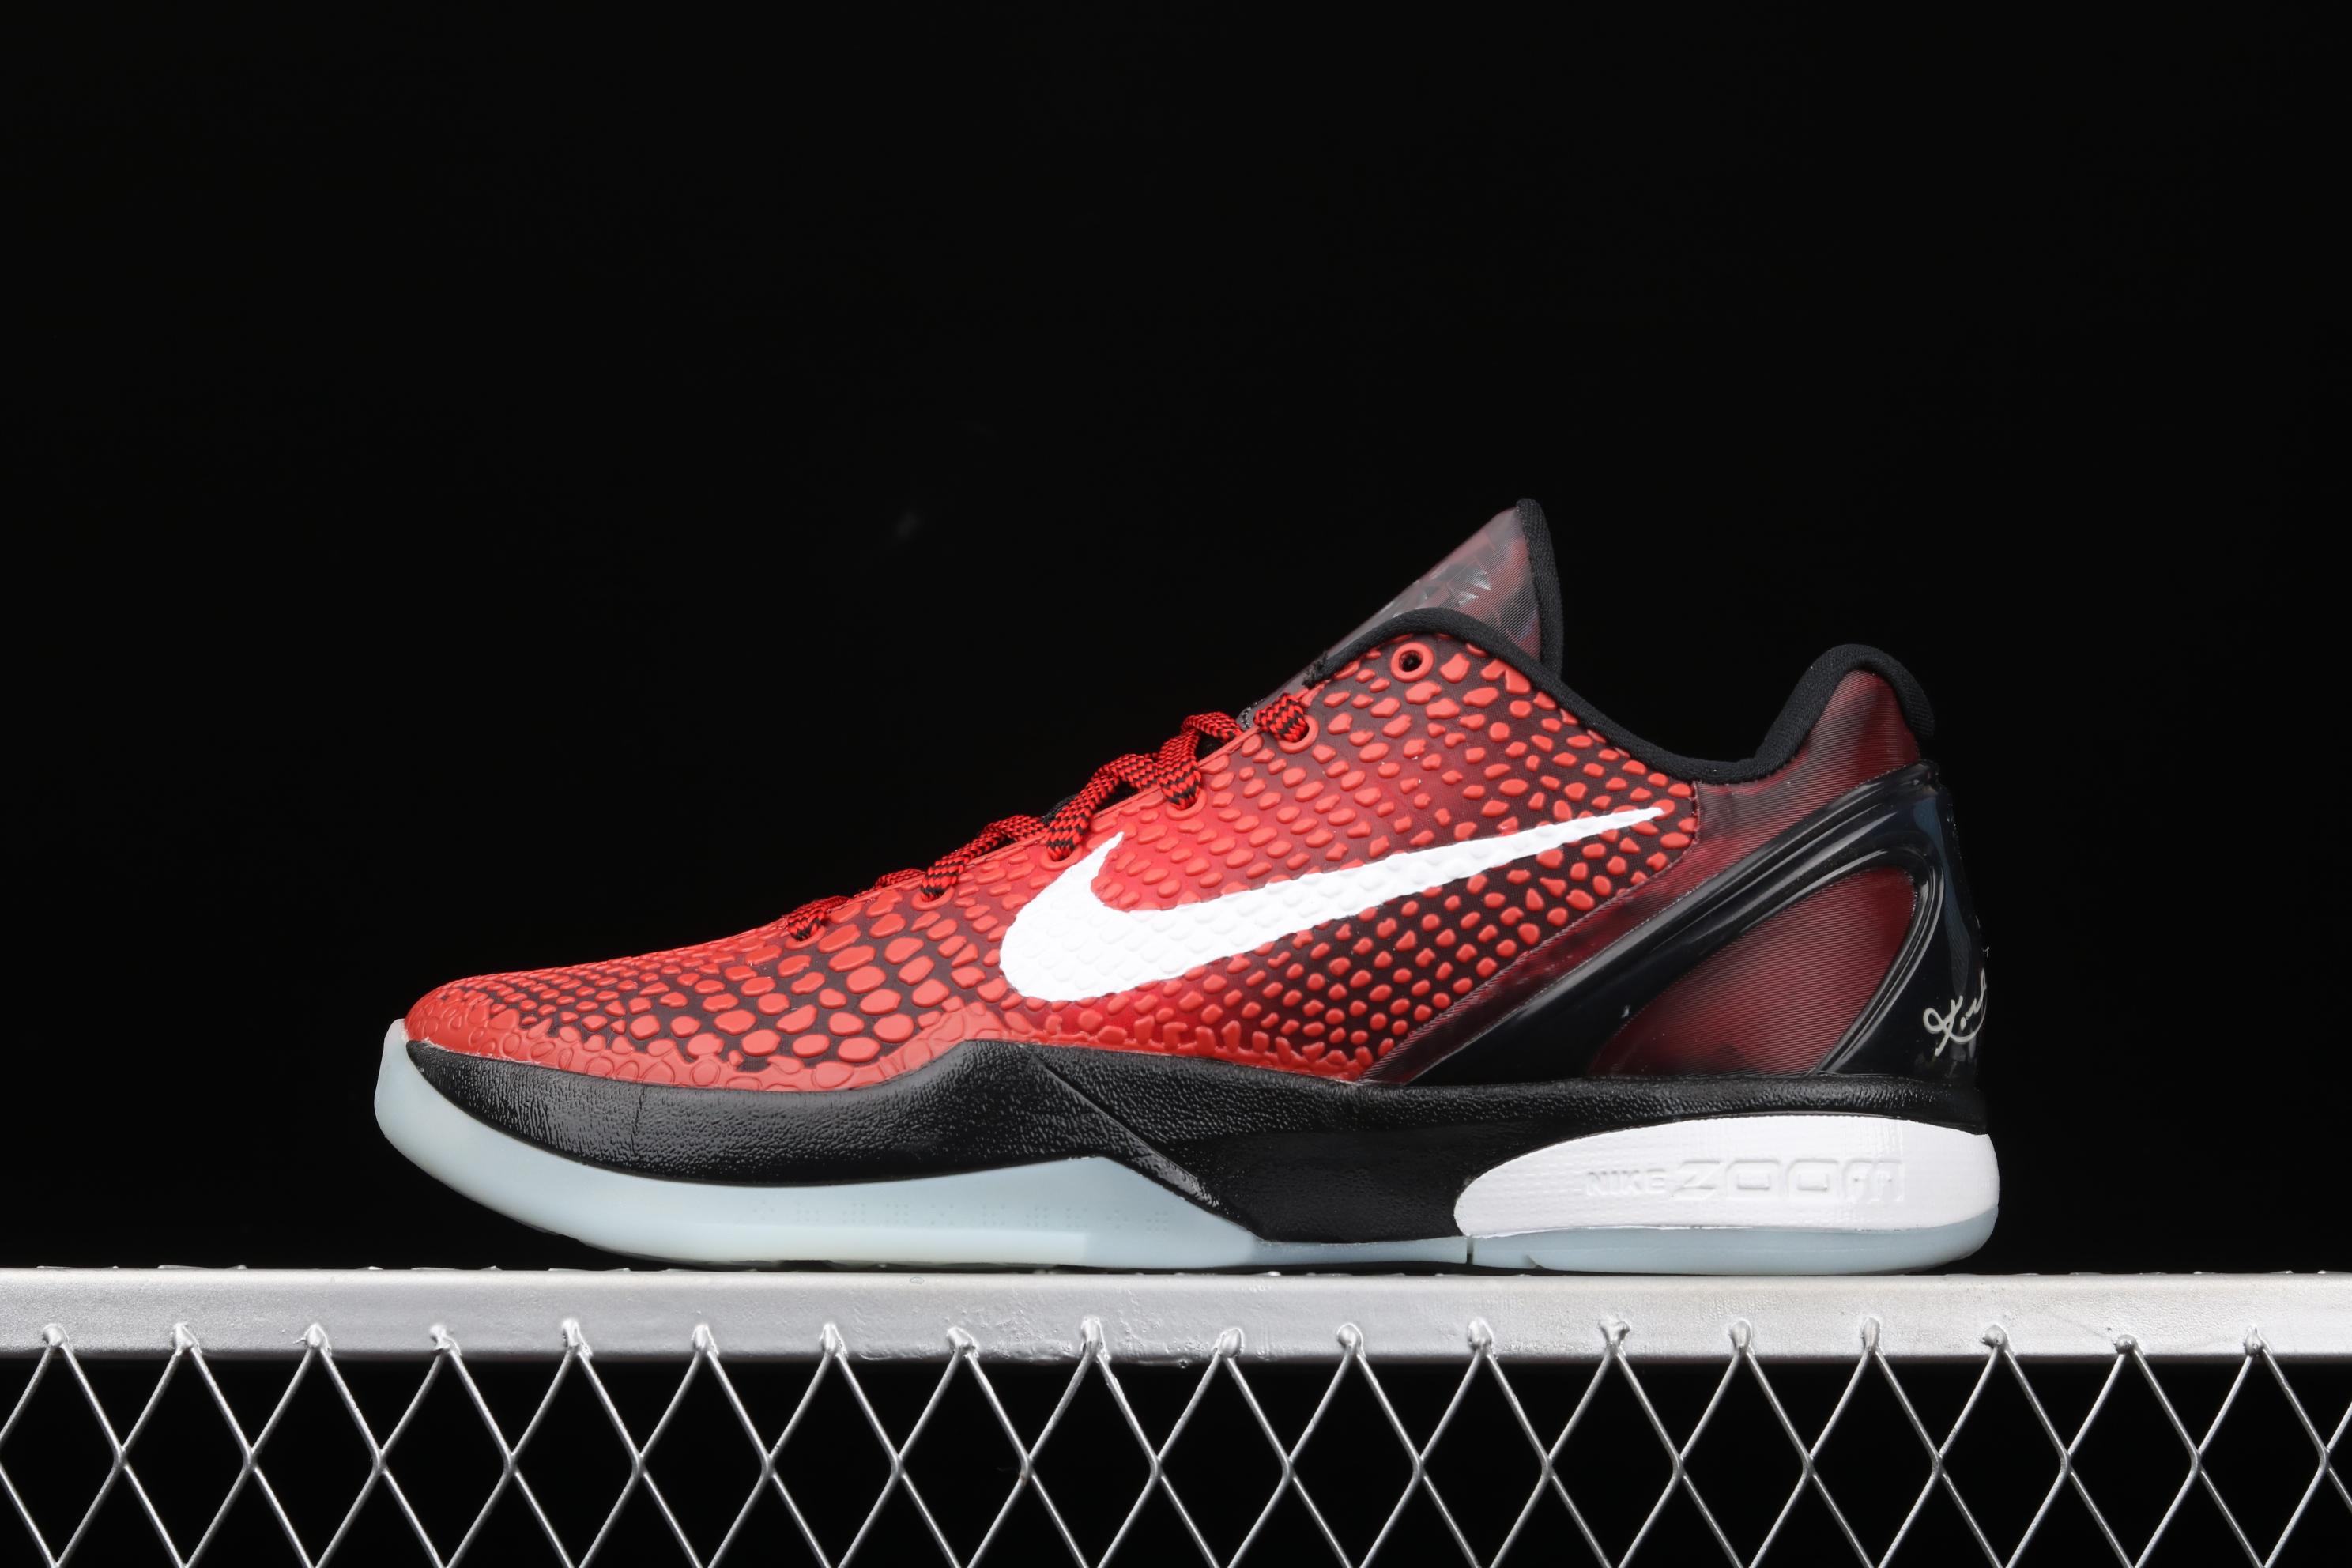 纯原版本 Nk Kobe VI Protro 6 科比6代 全明星 男子实战篮球鞋 448693-600